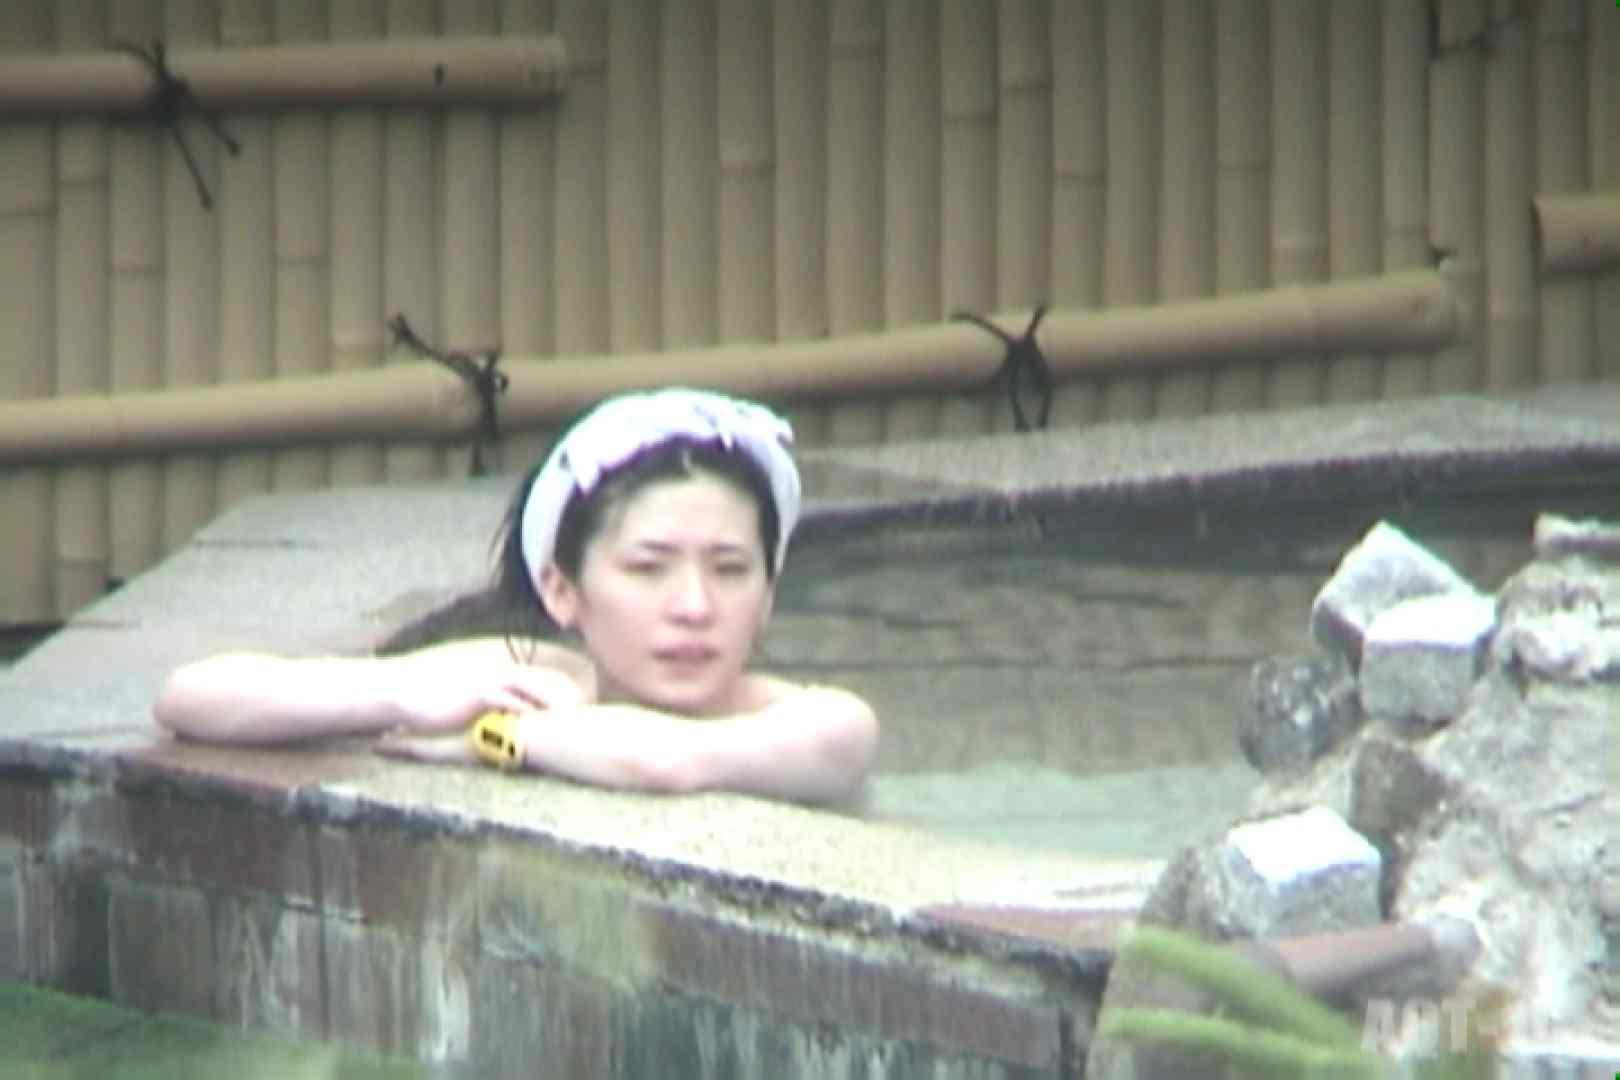 Aquaな露天風呂Vol.793 露天 | 盗撮特集  56画像 17